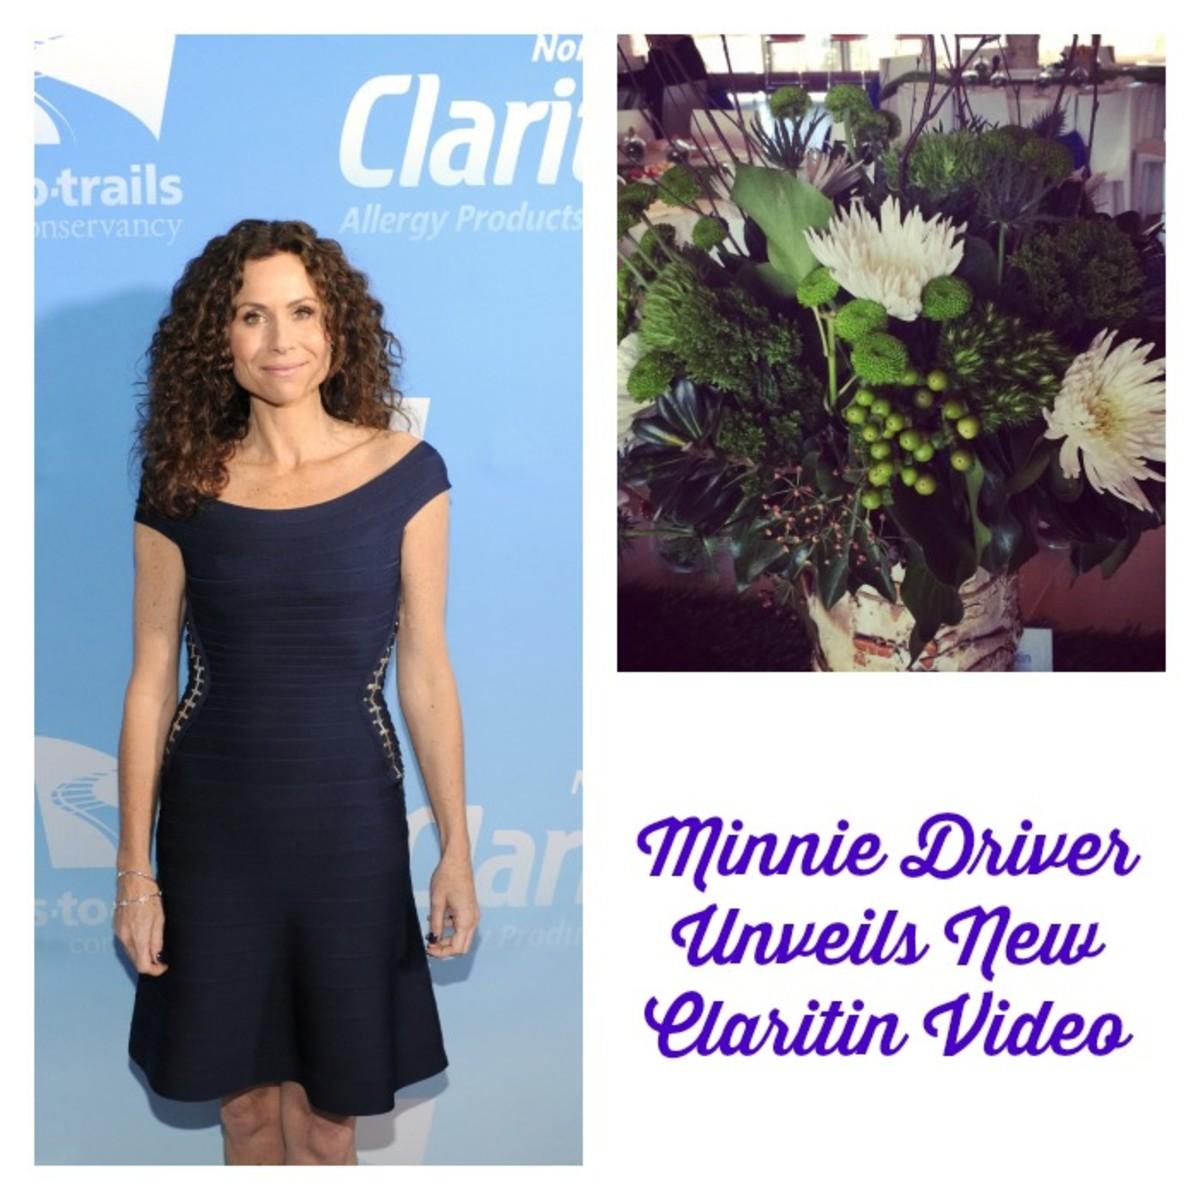 Minnie Driver .jpg.jpg